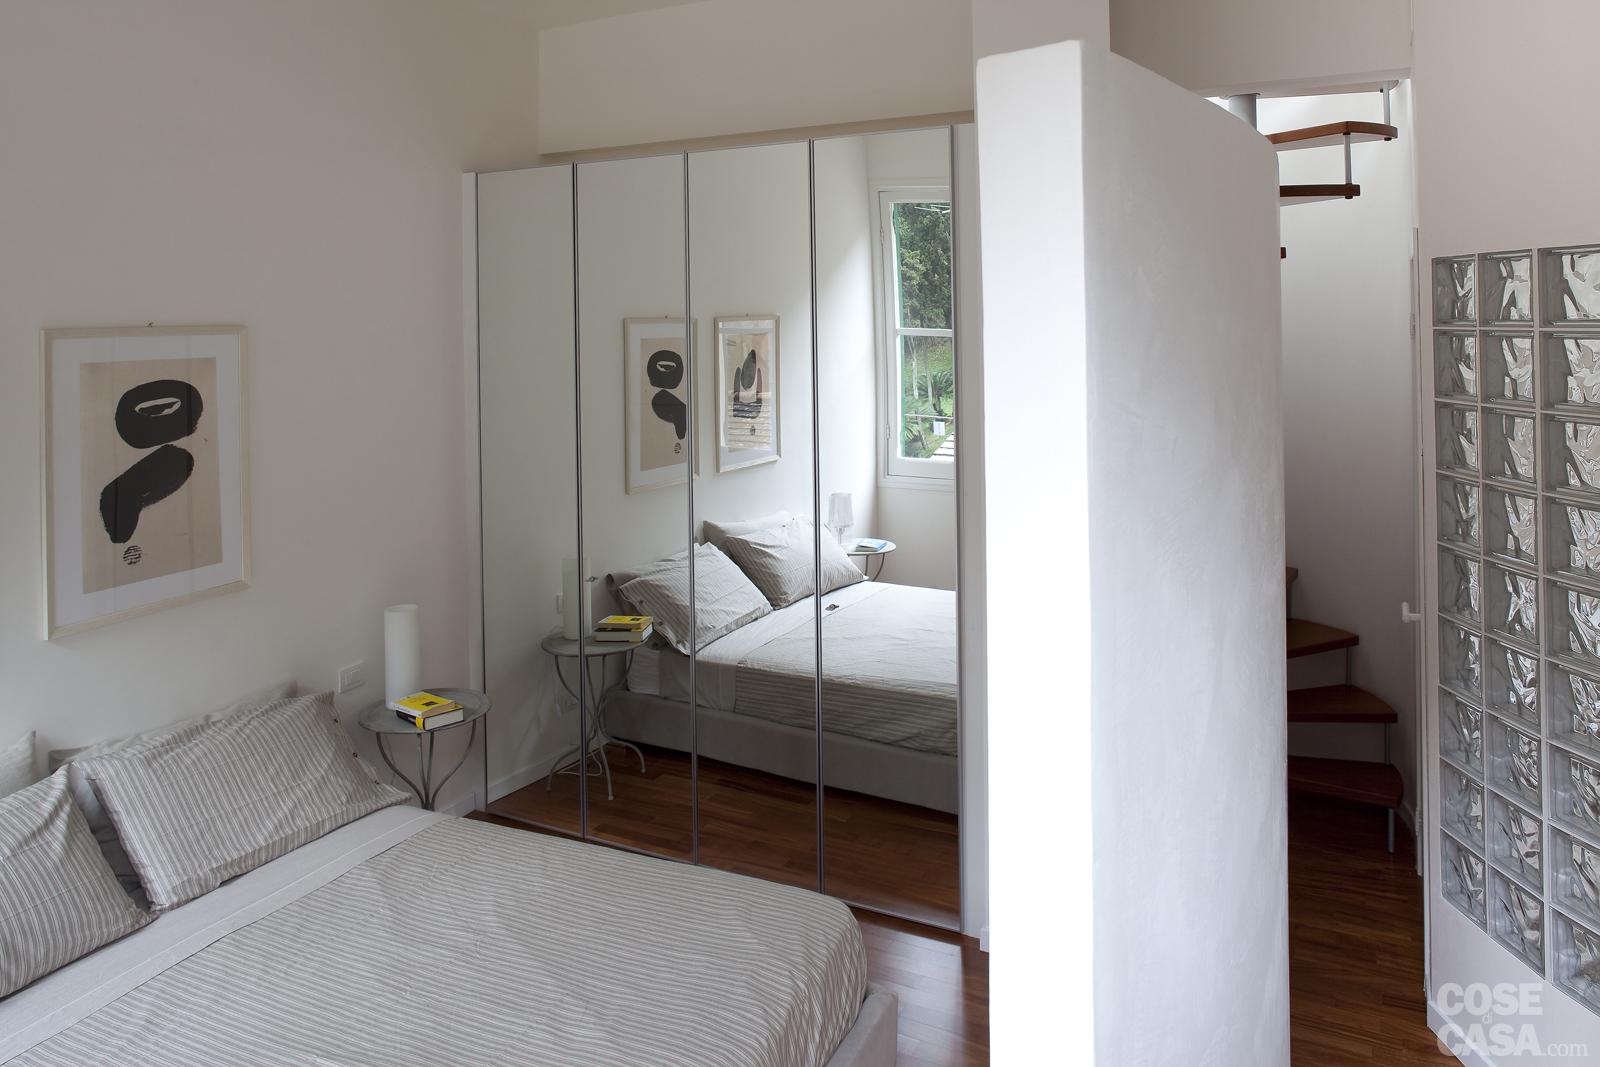 Camera da letto di pochi metri quadrati. - SPAZIO soluzioni